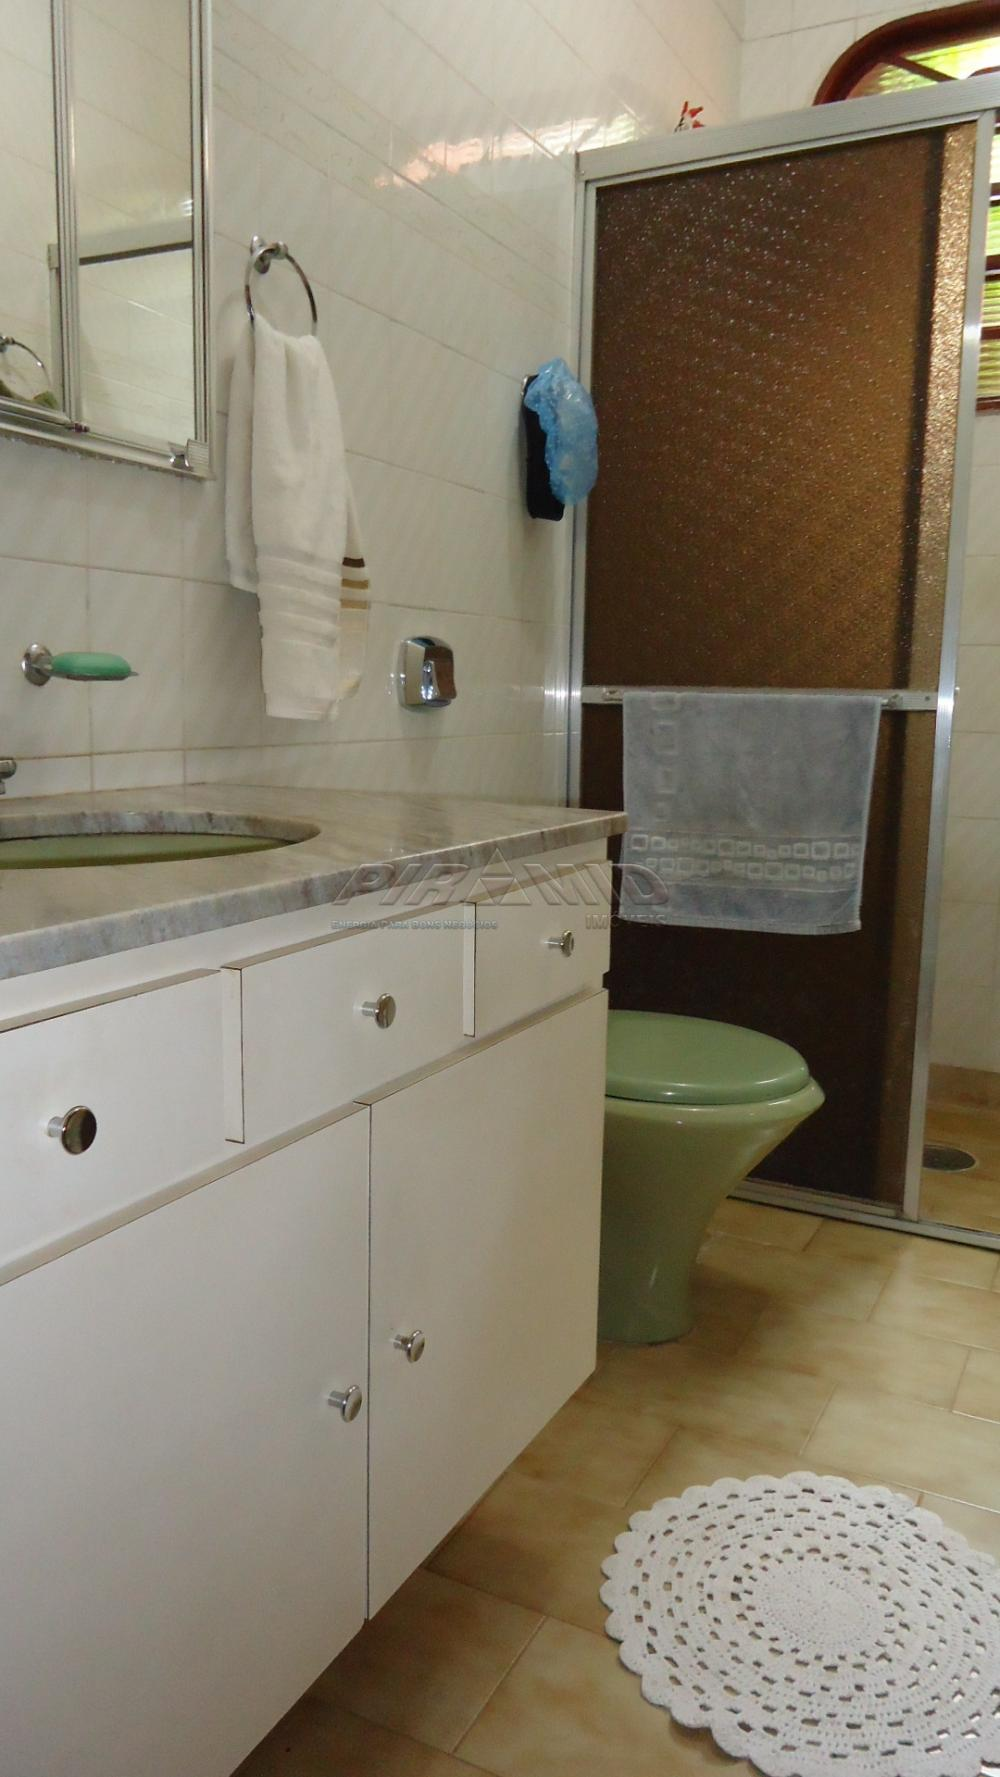 Alugar Casa / Padrão em Ribeirão Preto R$ 1.300,00 - Foto 6